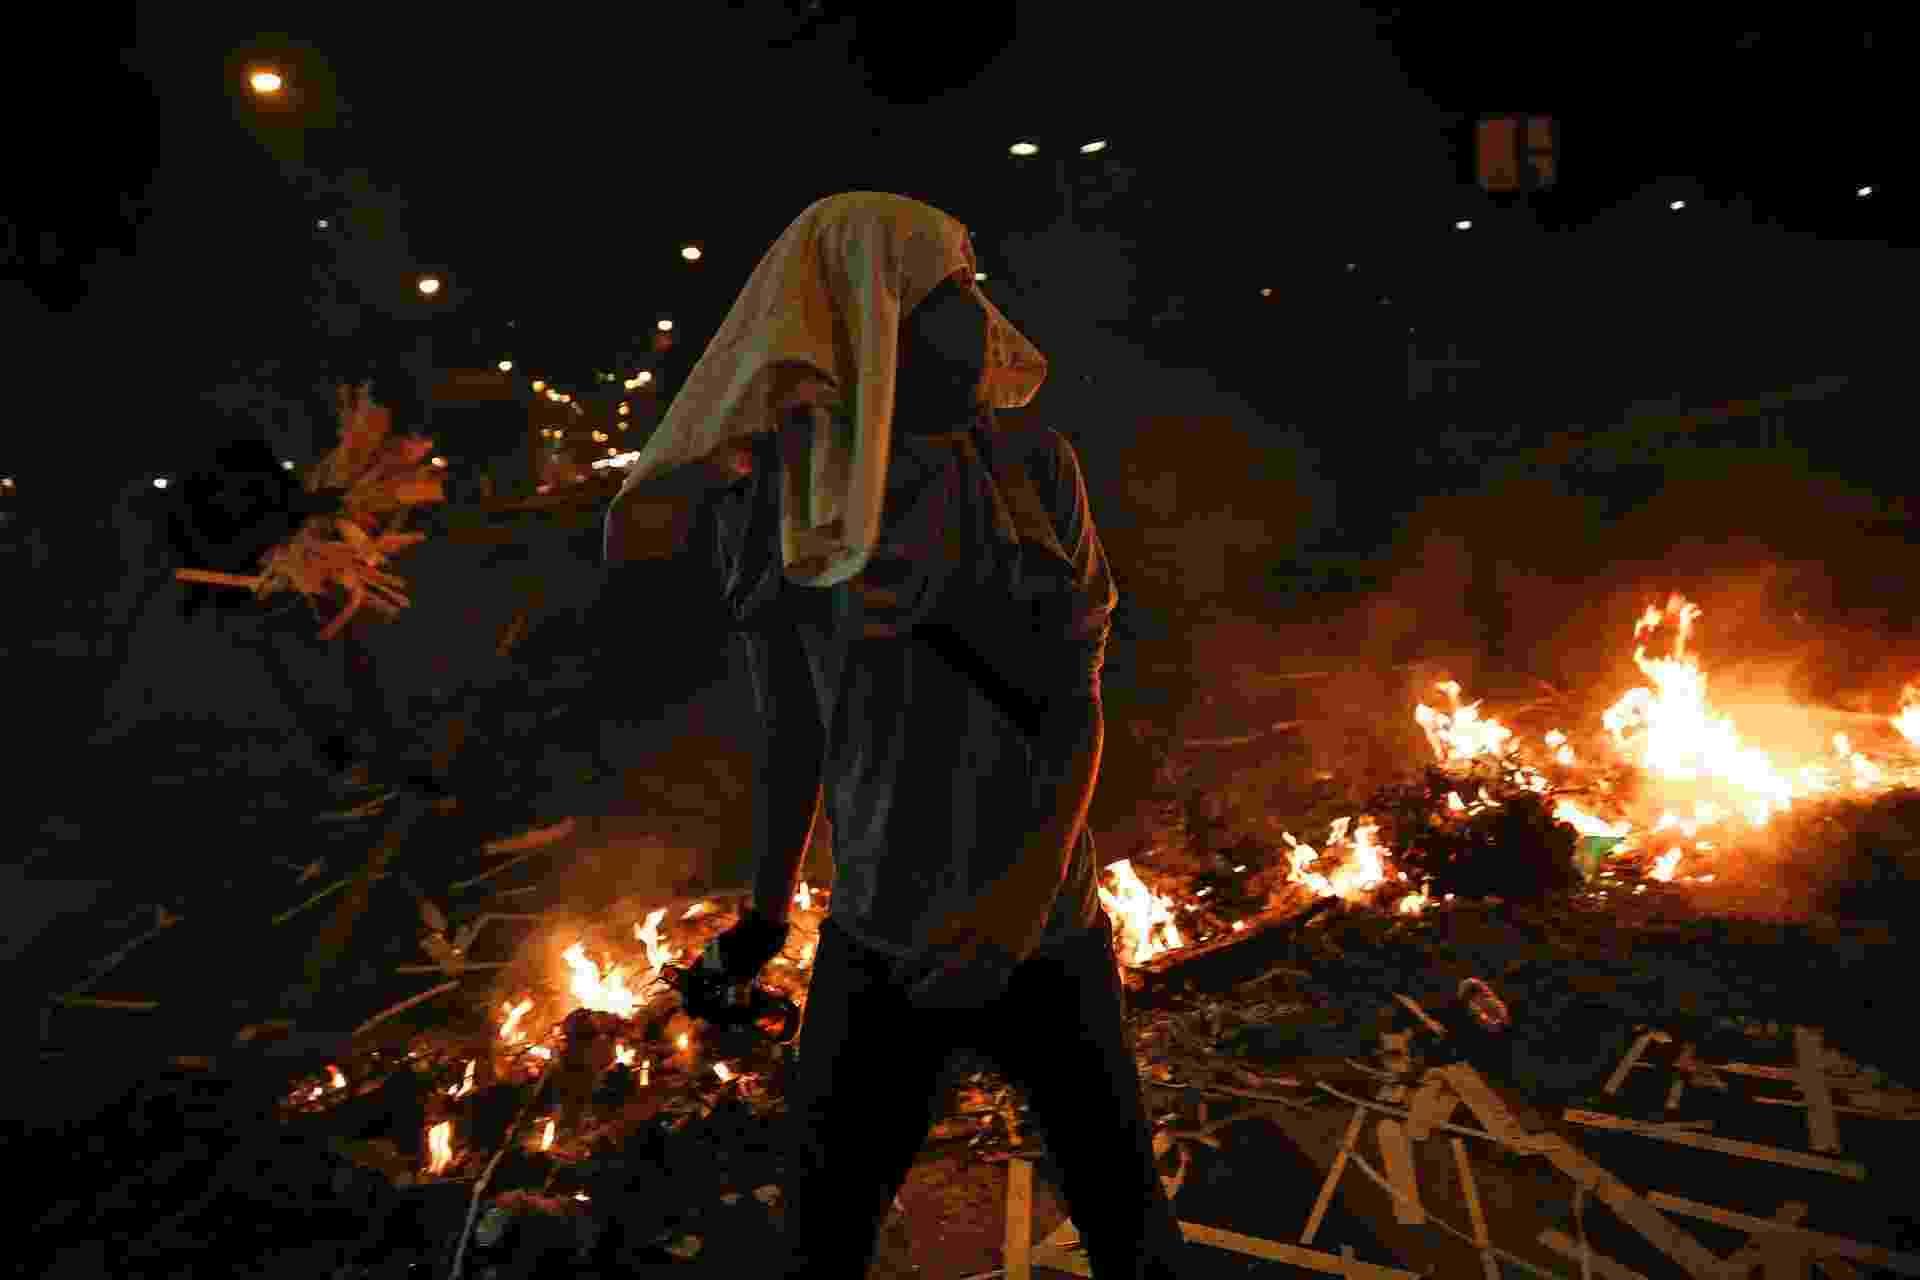 20.fev.2014 - Manifestantes passa por barricada que queima em rua bloqueada na praça Altamira, em Caracas, nesta quinta-feira (20). Forças de segurança da Venezuela e manifestantes se enfrentaram nas ruas bloqueadas por barricadas em chamas em várias cidades provinciais, em protesto contra o governo de Nicolás Maduro - Carlos Garcia Rawlins/Reuters